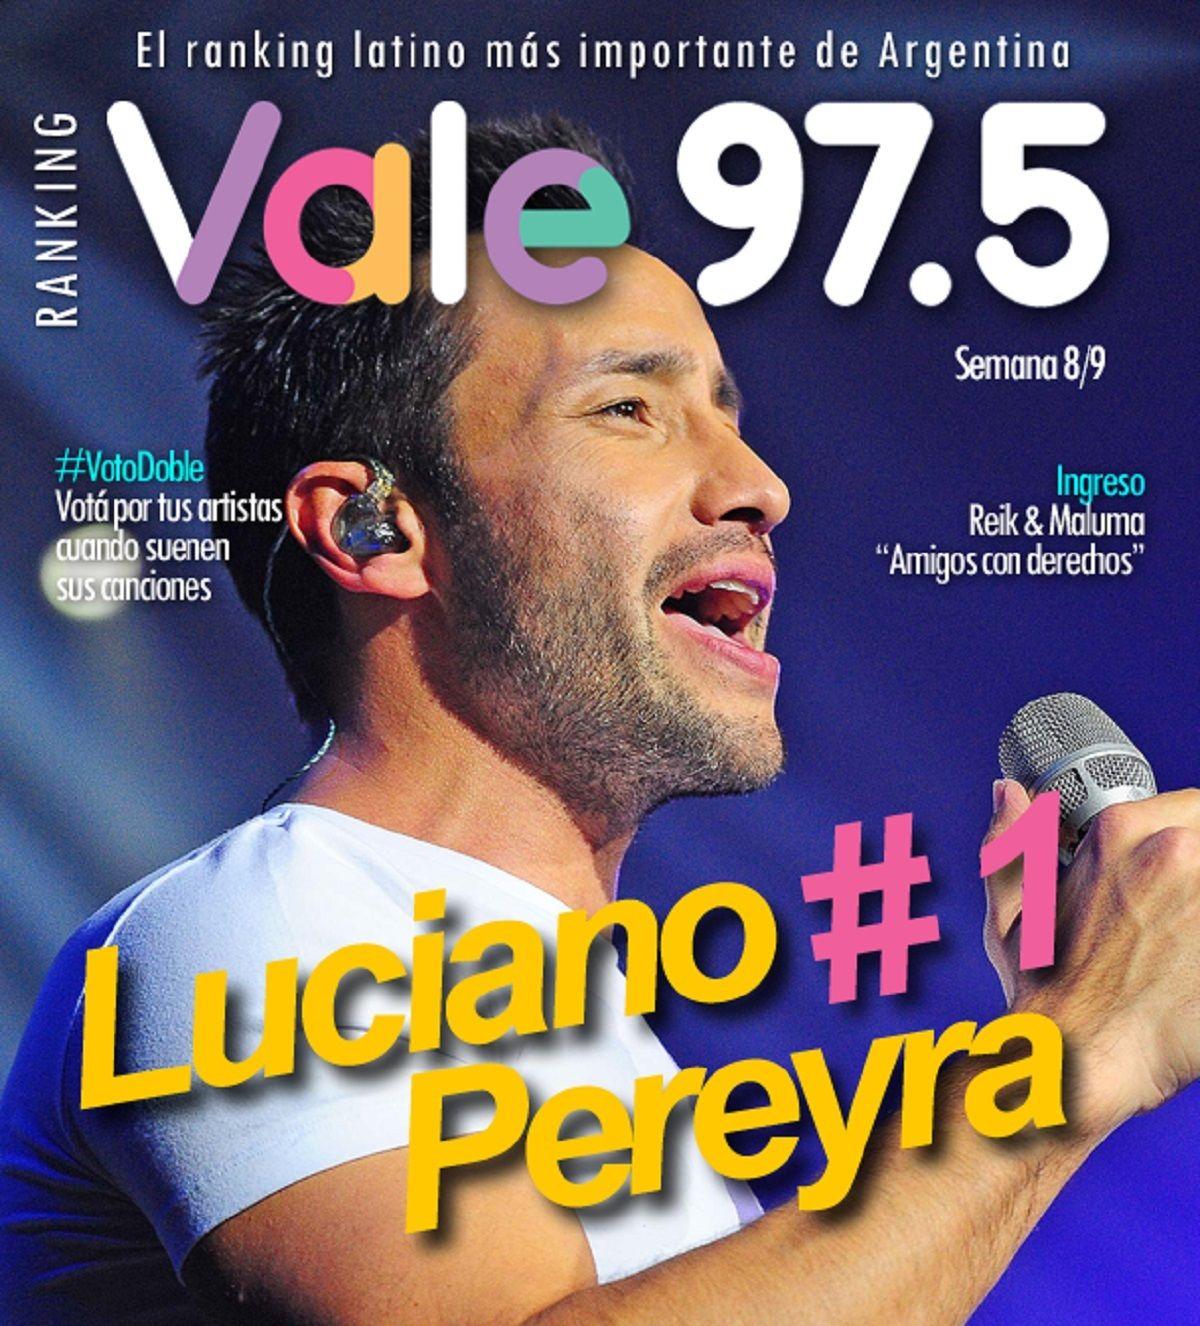 Luciano Pereyra llegó al N°1 del Ranking Vale